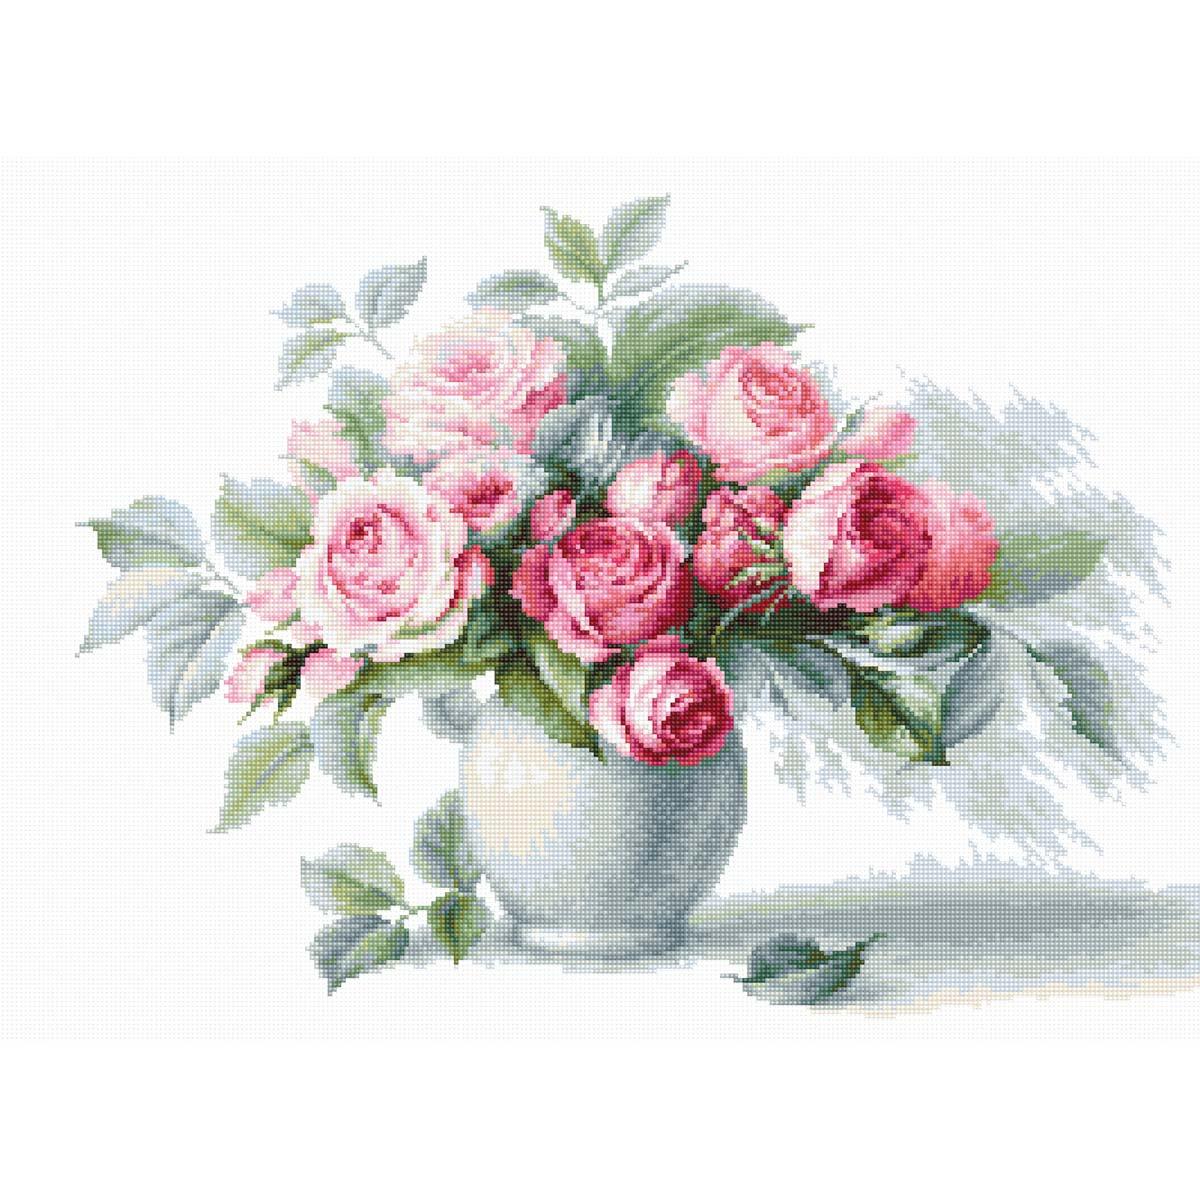 B2280 Набор для вышивания 'Этюд с чайными розами' 35,5*26см, Luca-S